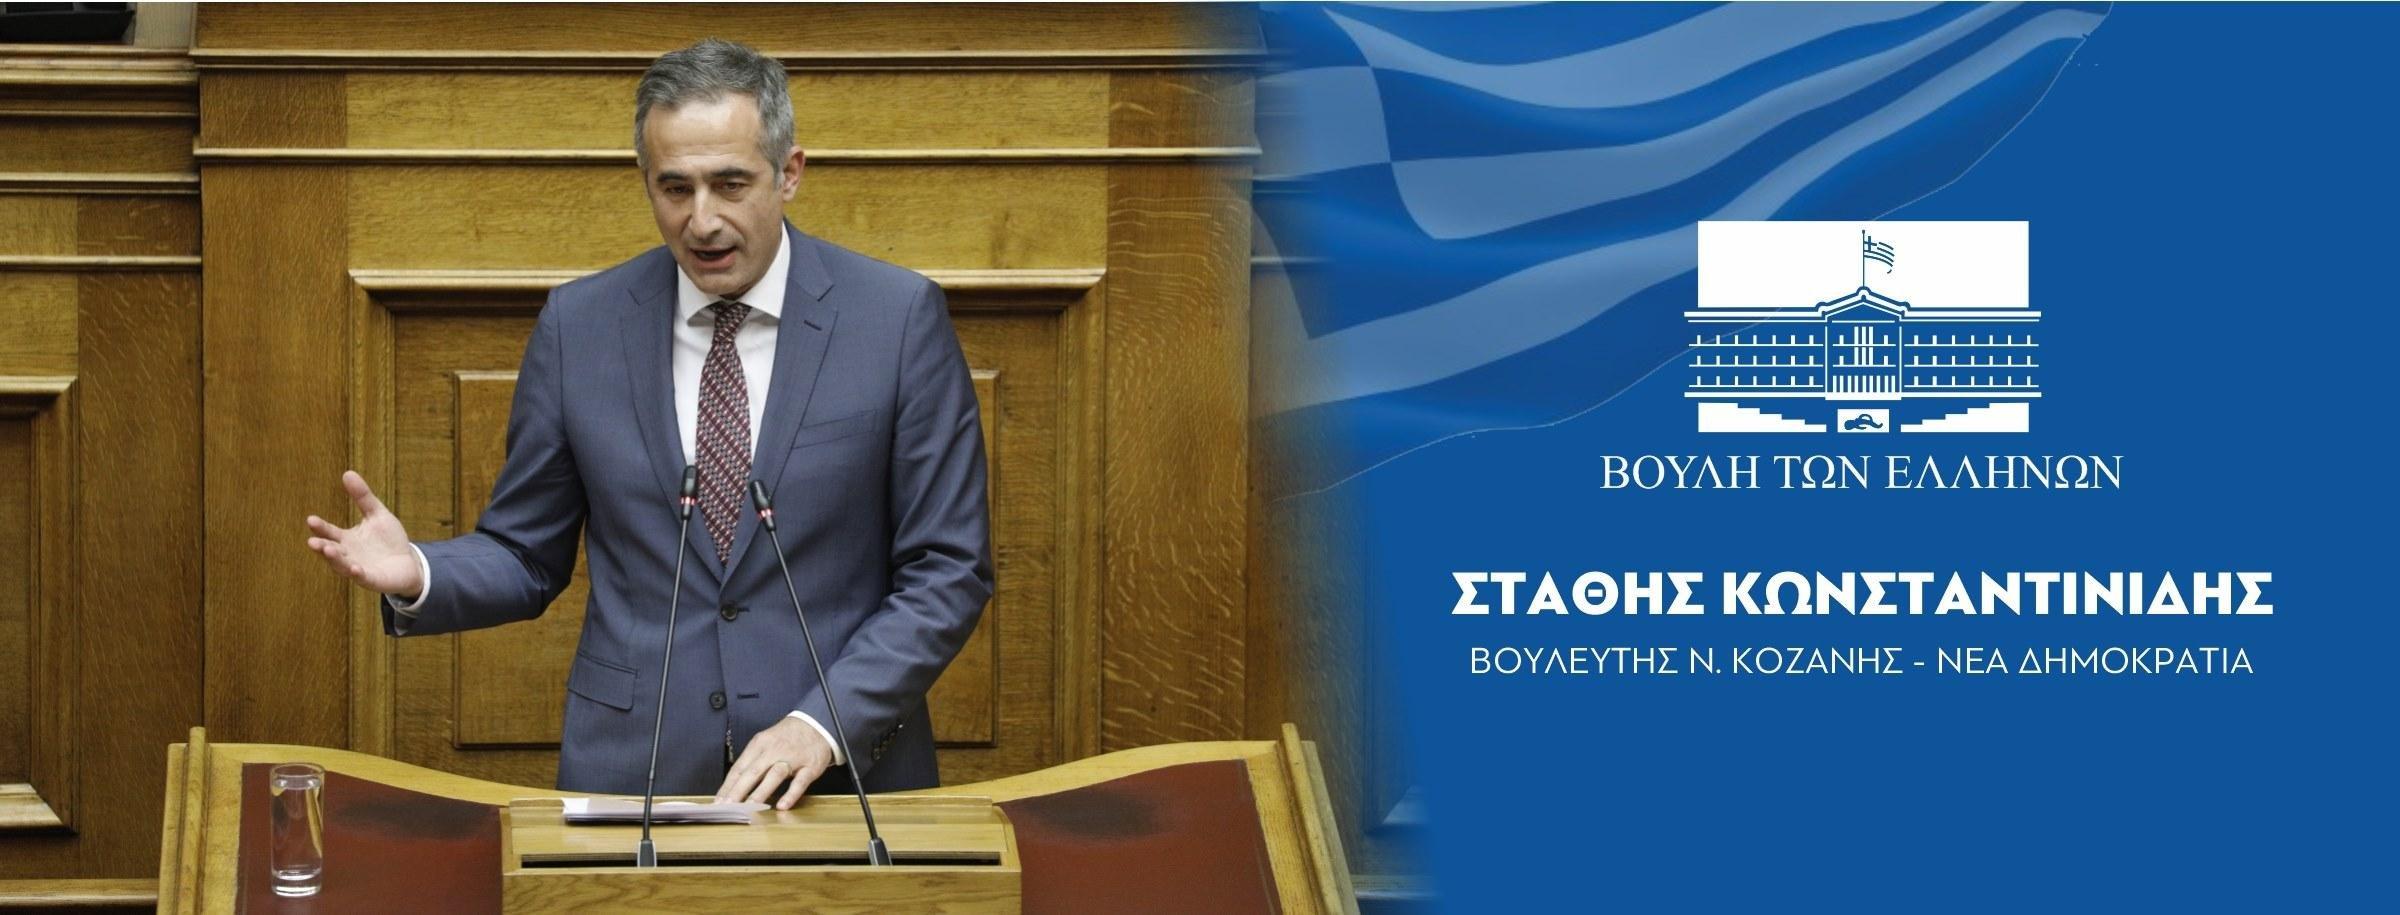 «Ο κατά φαντασία απατημένος ΣΥΡΙΖΑ».  Ομιλία του Βουλευτή Π.Ε. Κοζάνης Στάθη Κωνσταντινίδη στην κύρωση των συμβάσεων για το Ταμείο Ανάκαμψης